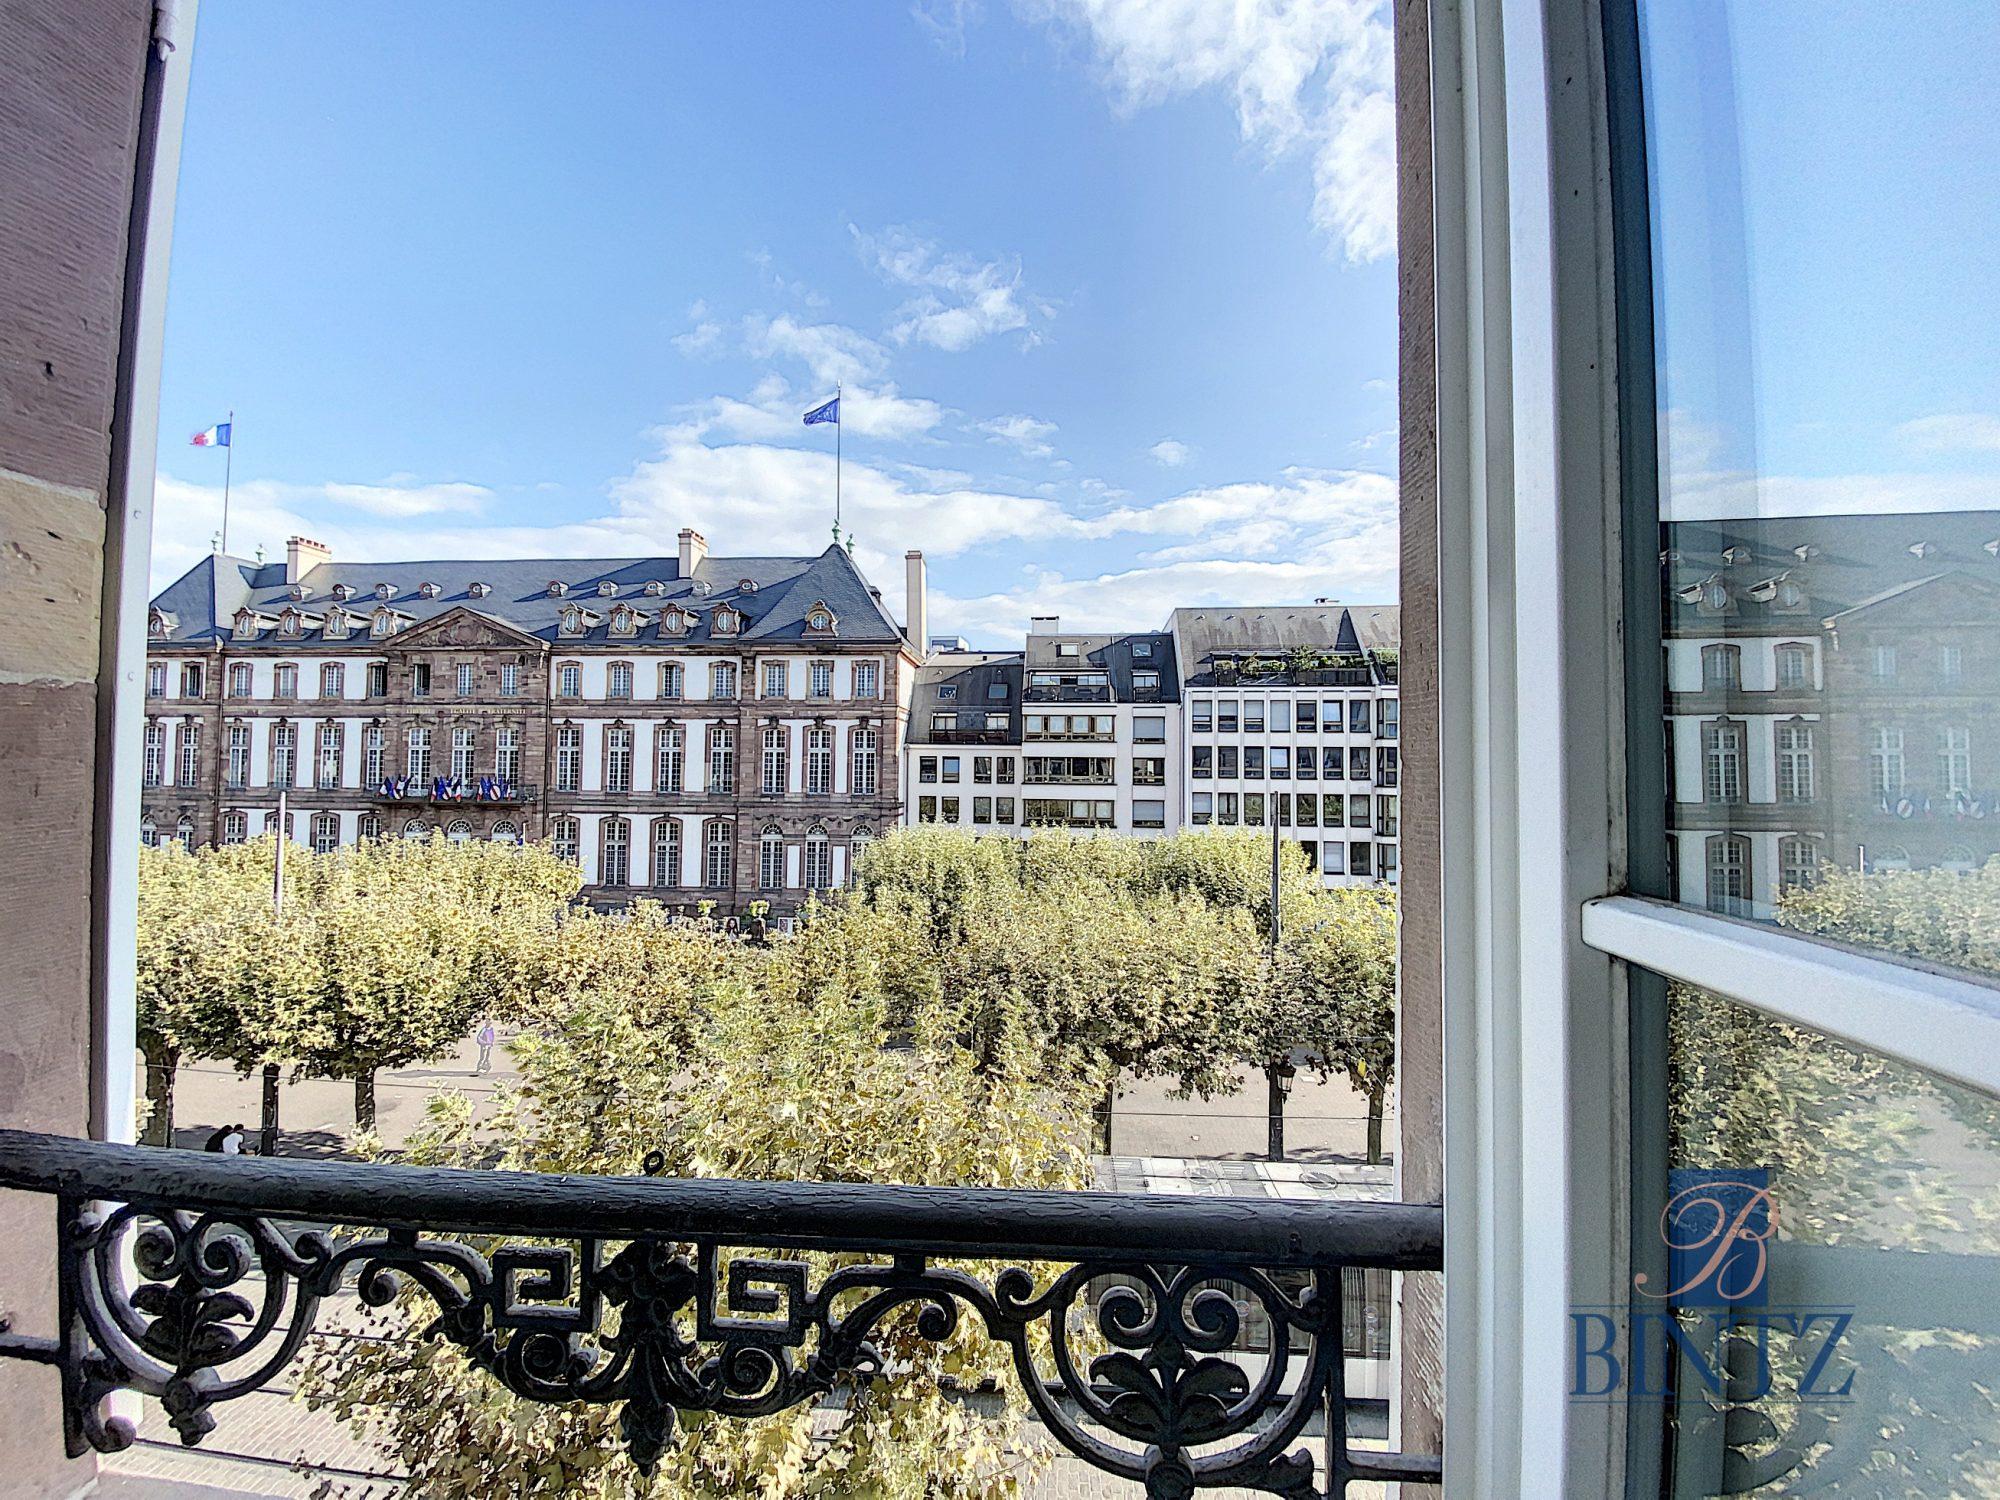 5 pièces d'exception face à la mairie - Devenez locataire en toute sérénité - Bintz Immobilier - 3